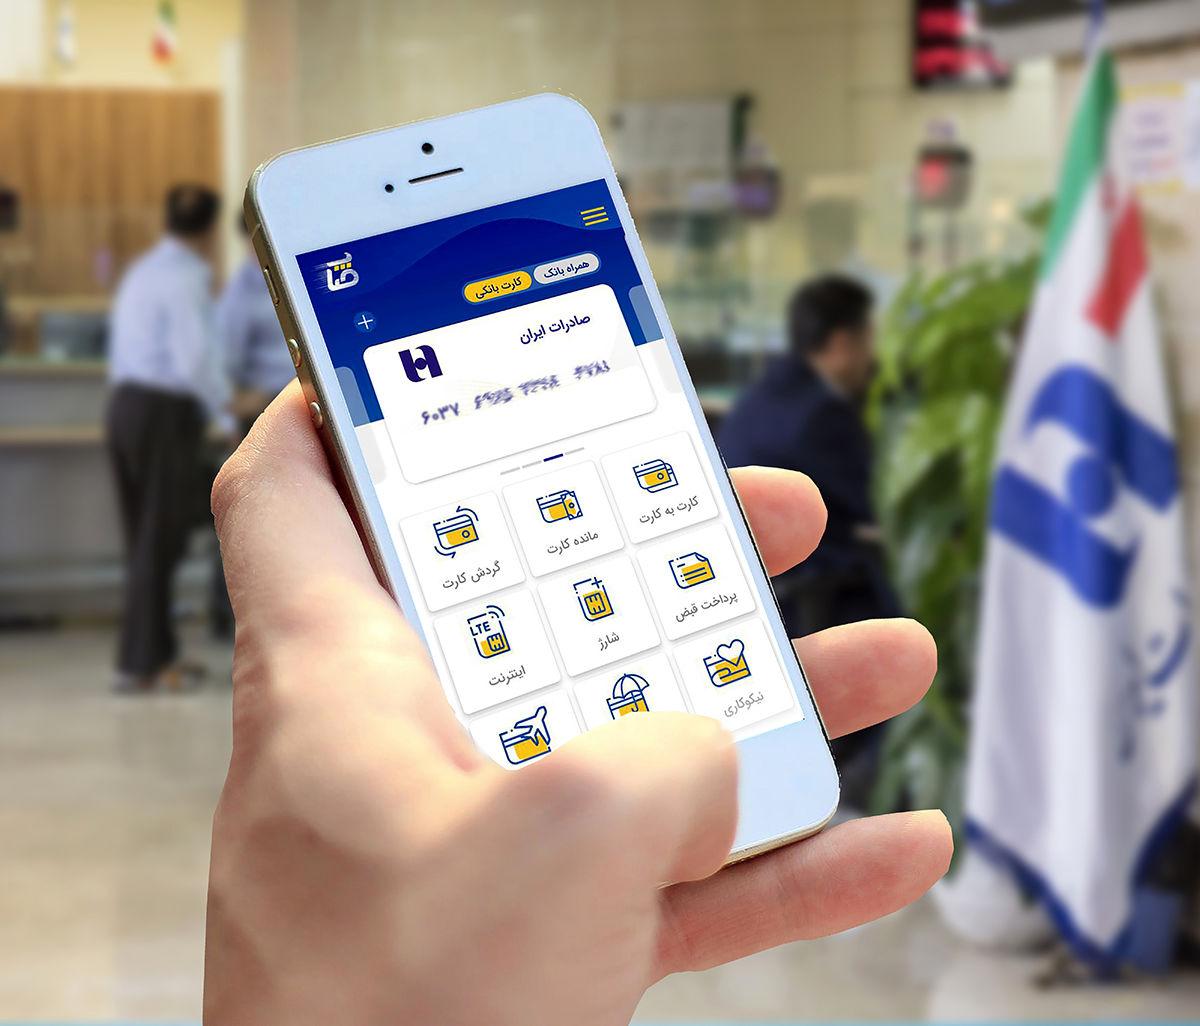 ٨ قابلیت جدید به «صاپ» بانک صادرات اضافه شد